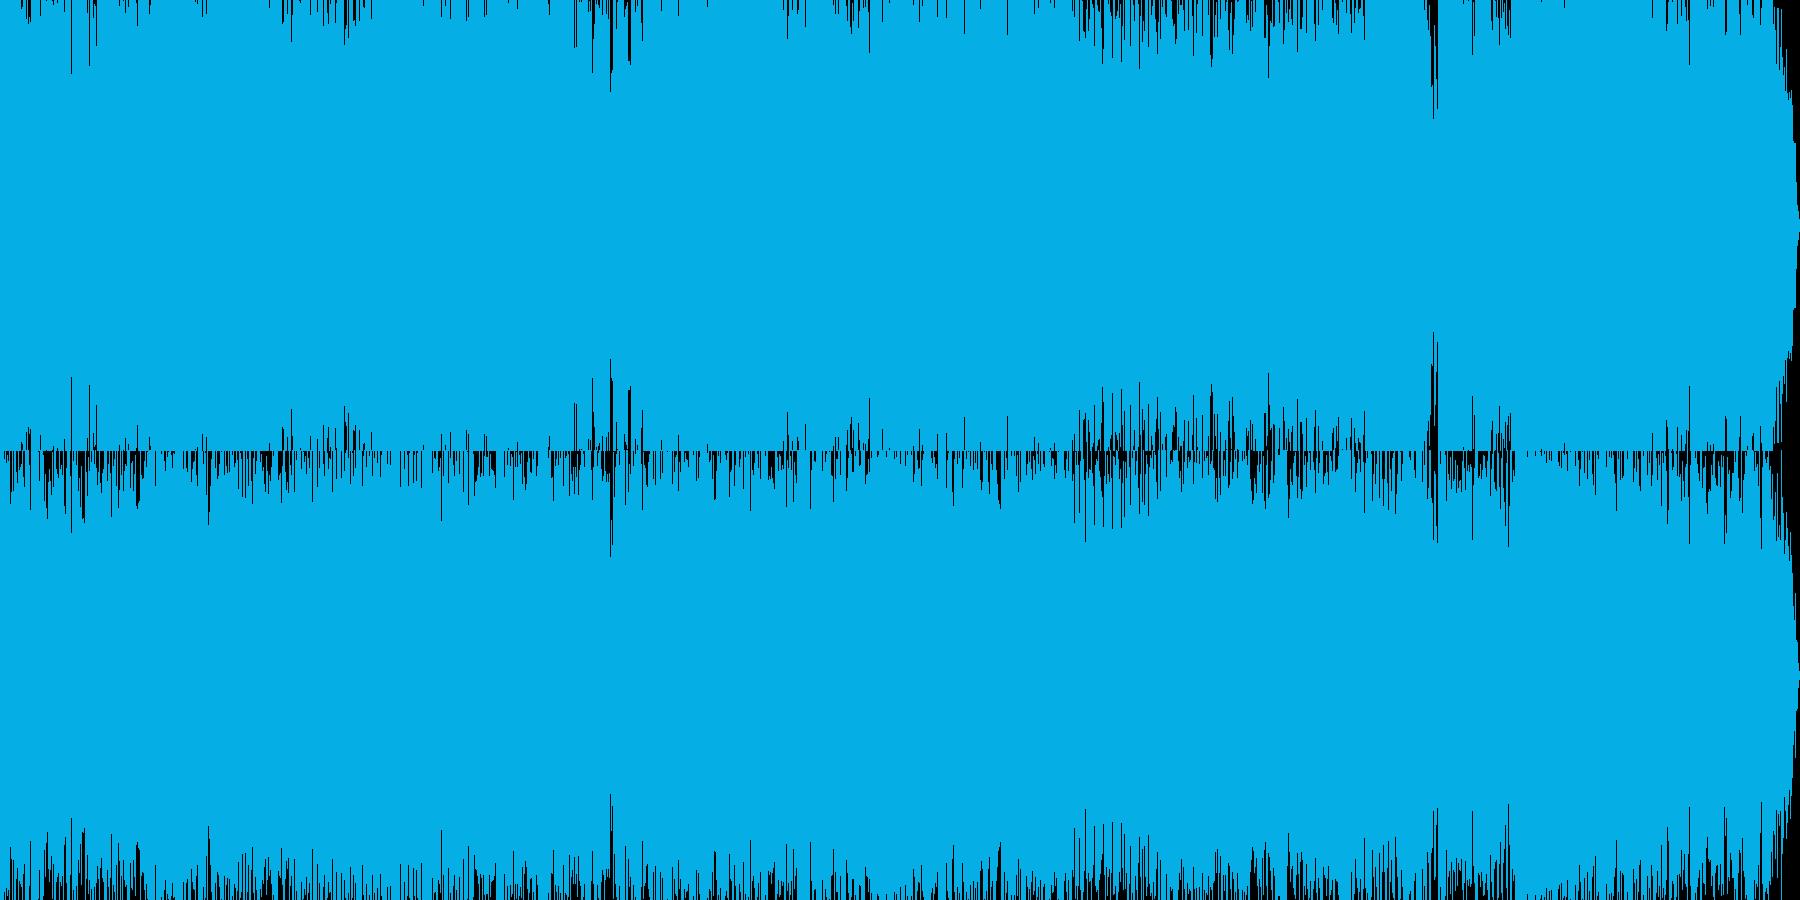 オルタナティブバラードの再生済みの波形